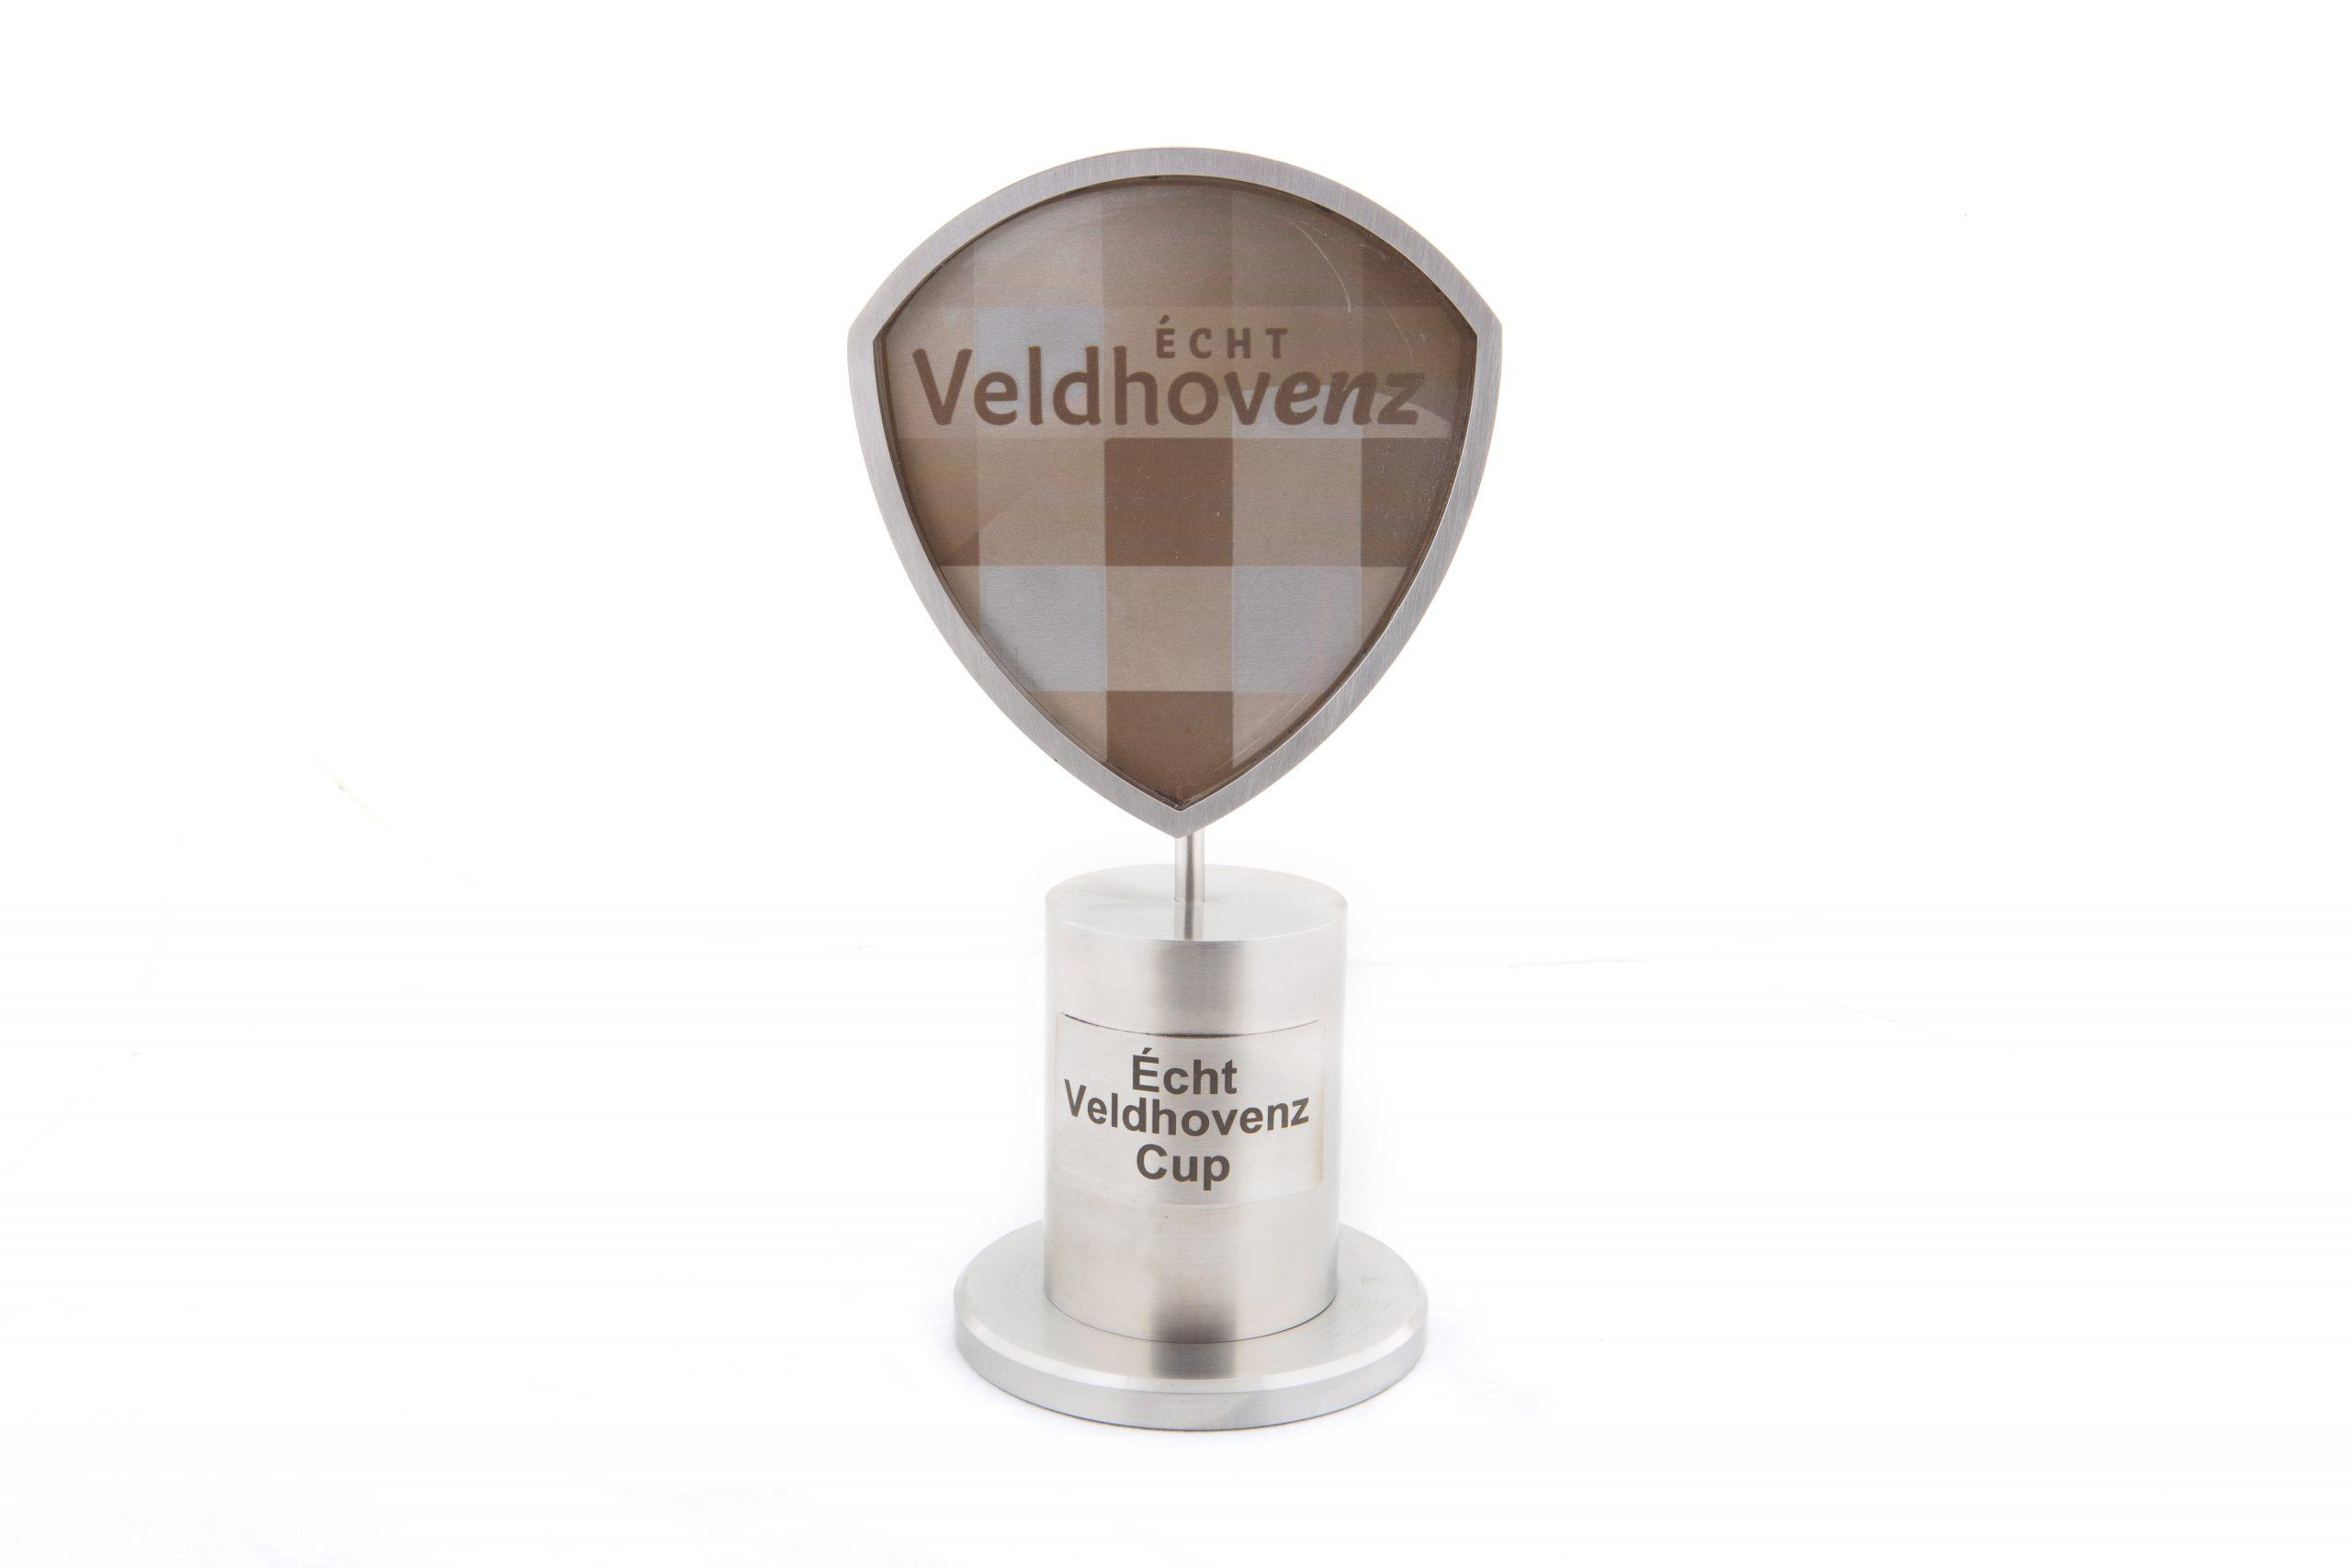 Écht Veldhovenz Cup